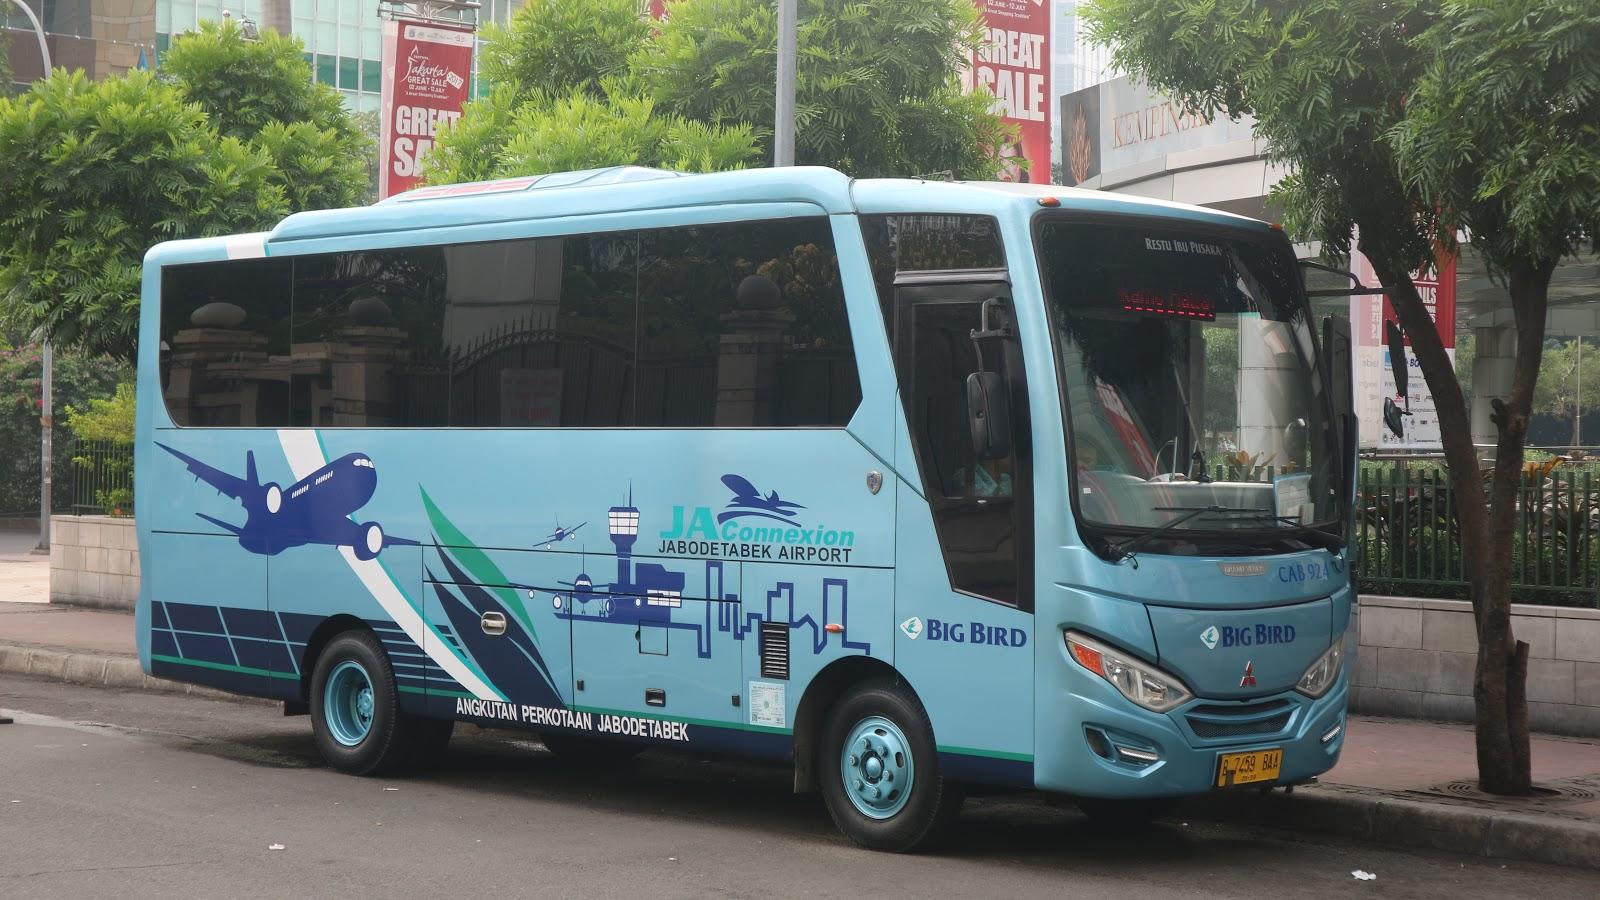 Skema Pembayaran Bus Wisata Pilihan - 6 Tips Memilih Bus Wisata untuk Perjalanan yang Nyaman dan Aman